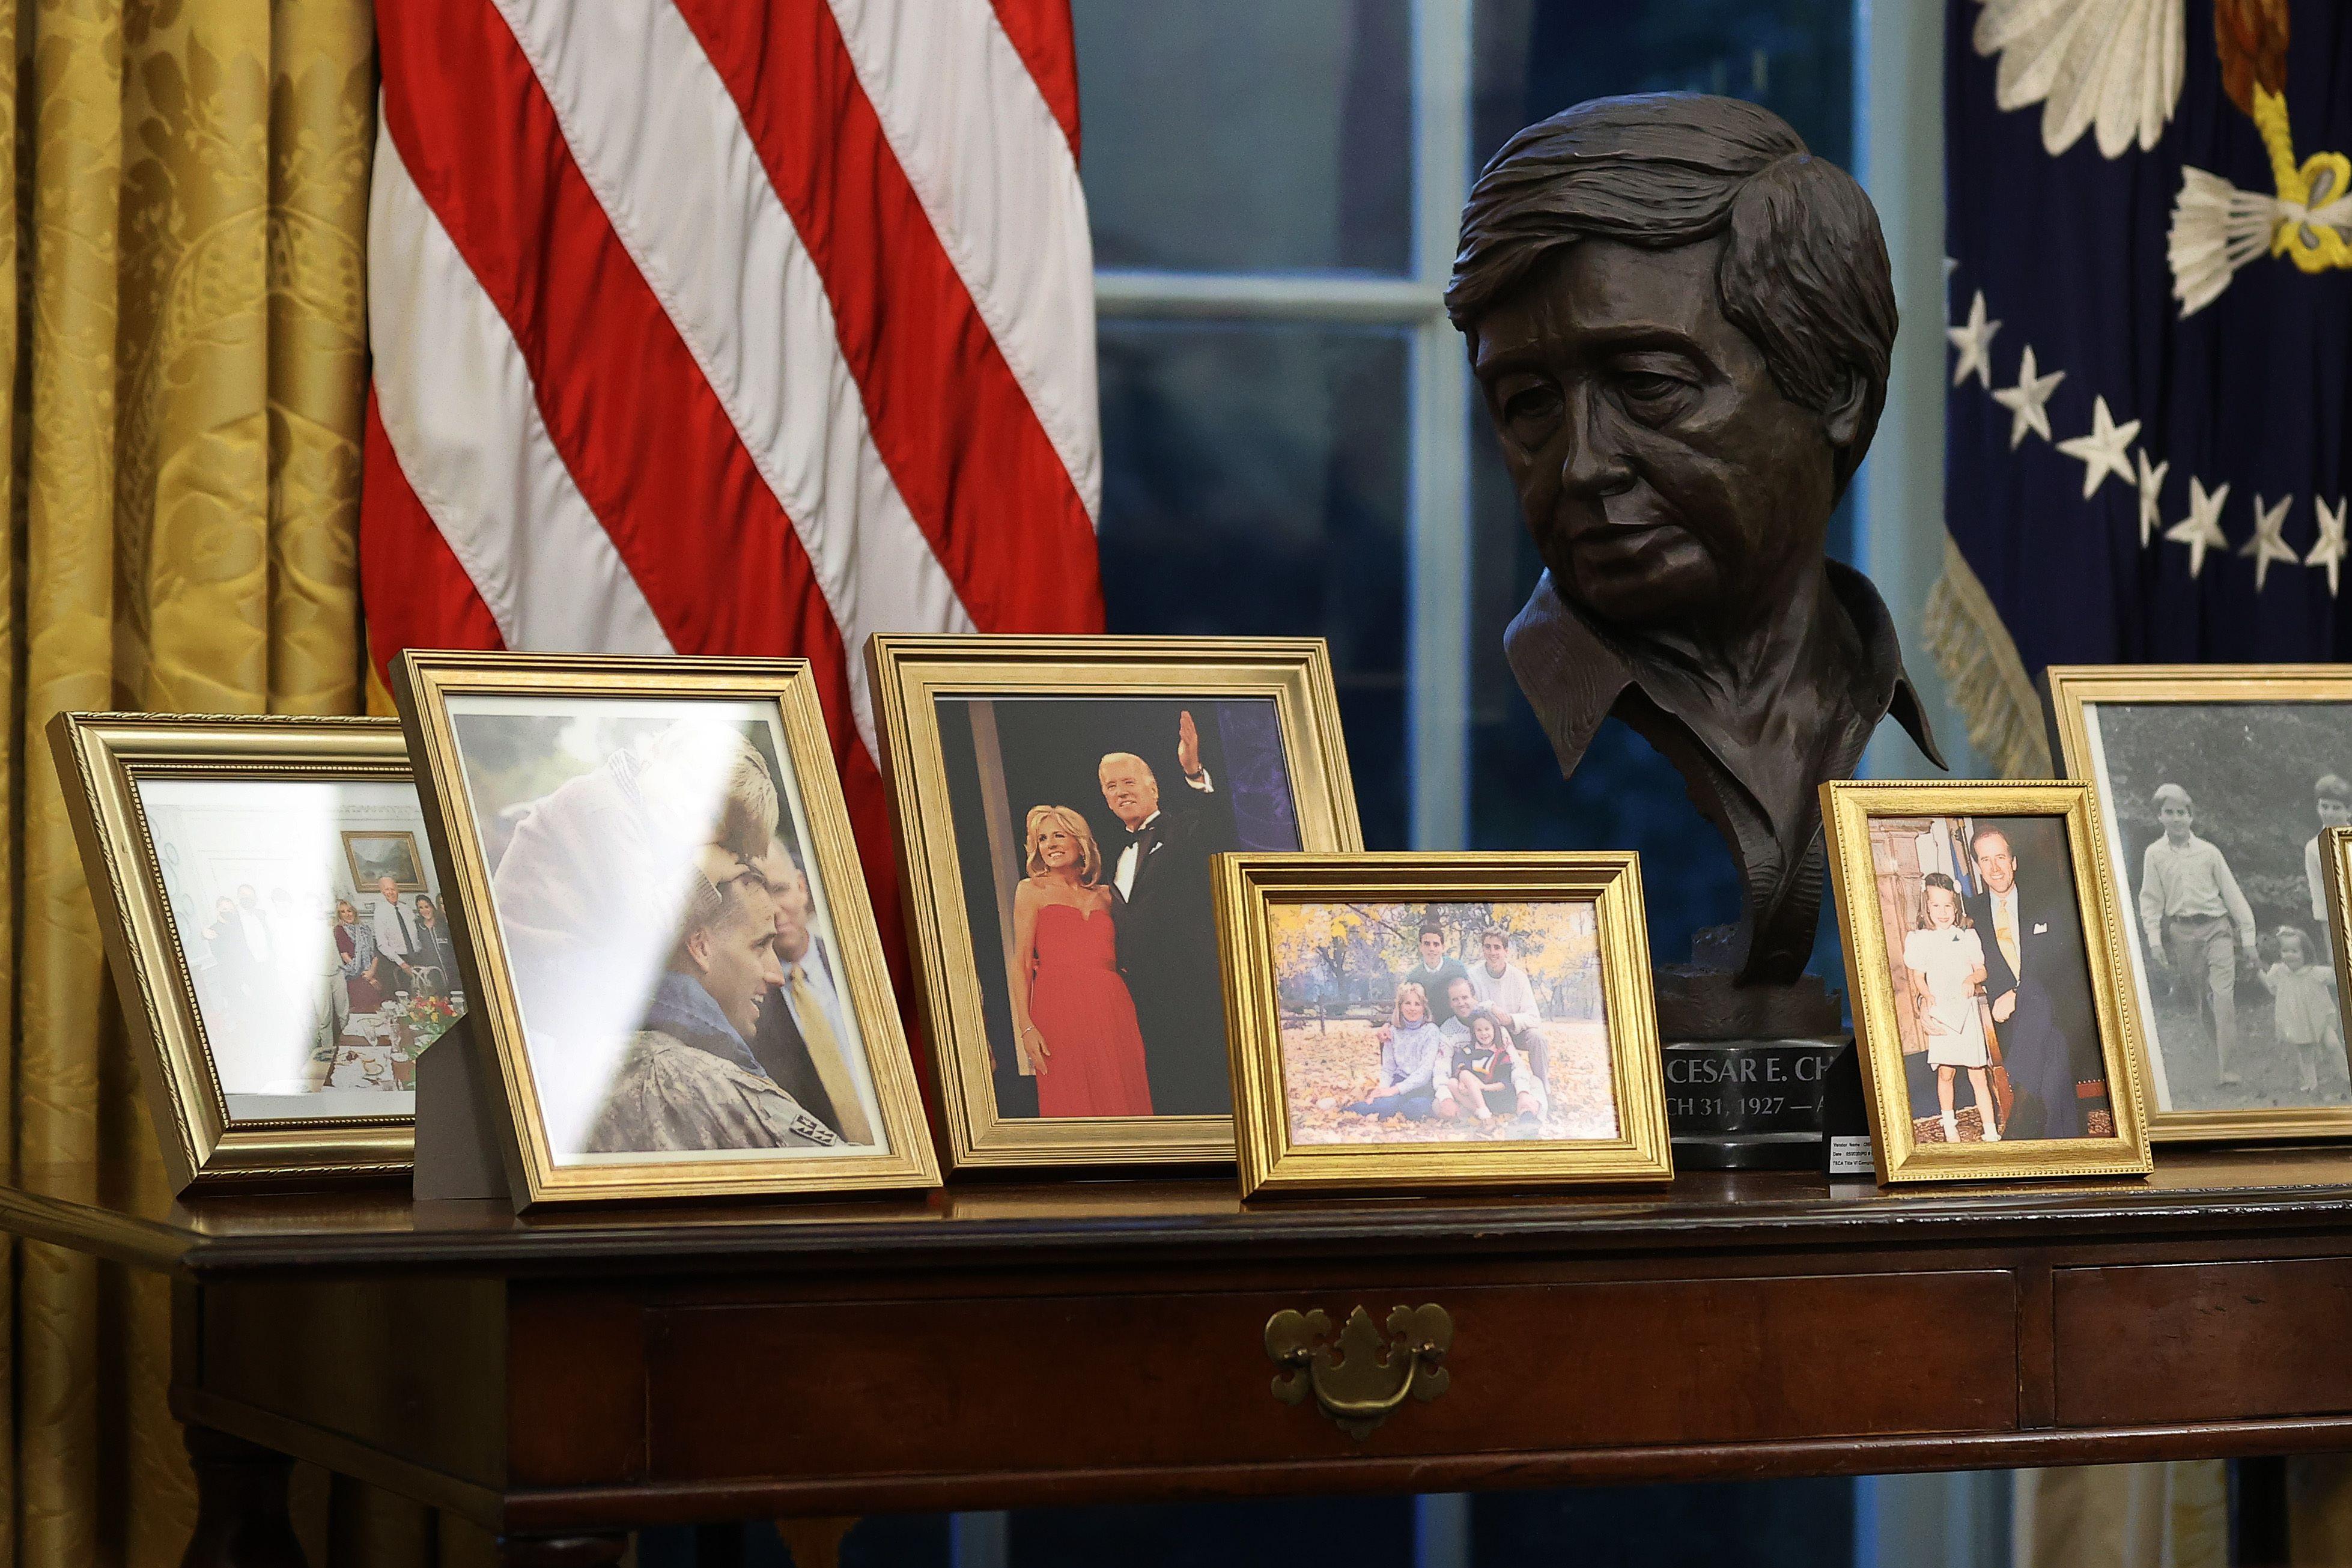 Busto de César Chávez junto a fotos de familia en el Despacho Oval. AFP